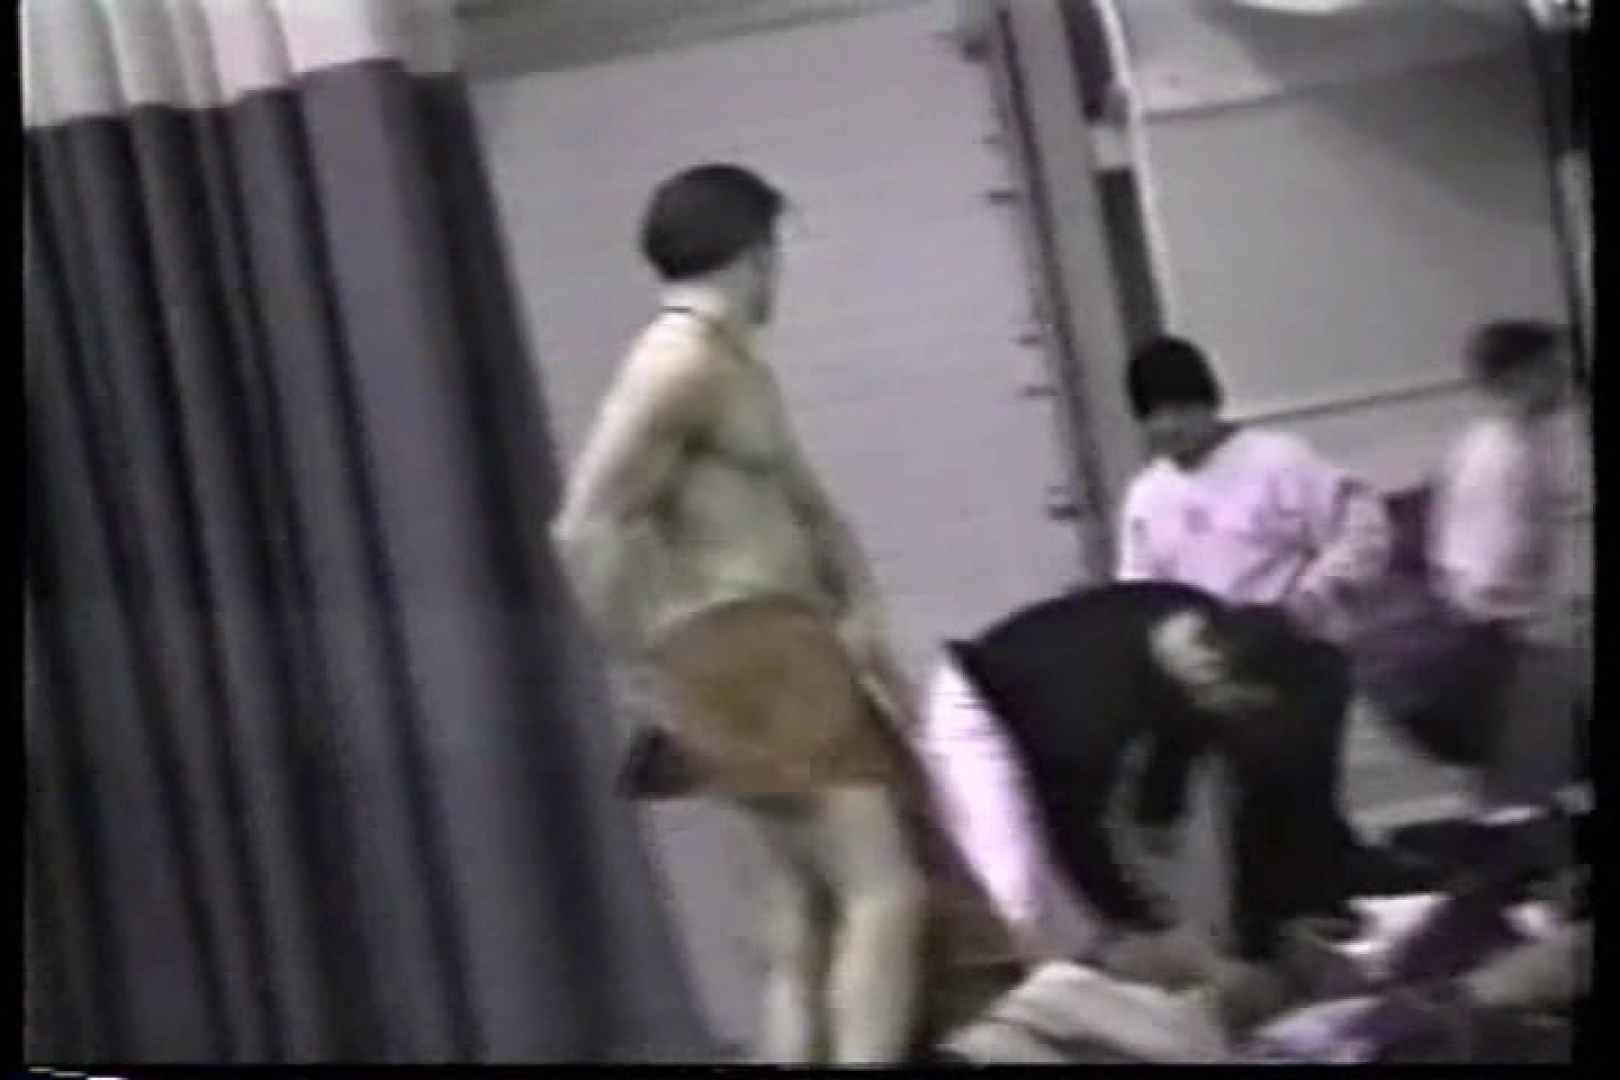 洋人さんの脱衣所を覗いてみました。VOL.5 完全無修正で! 尻マンコ画像 12画像 2